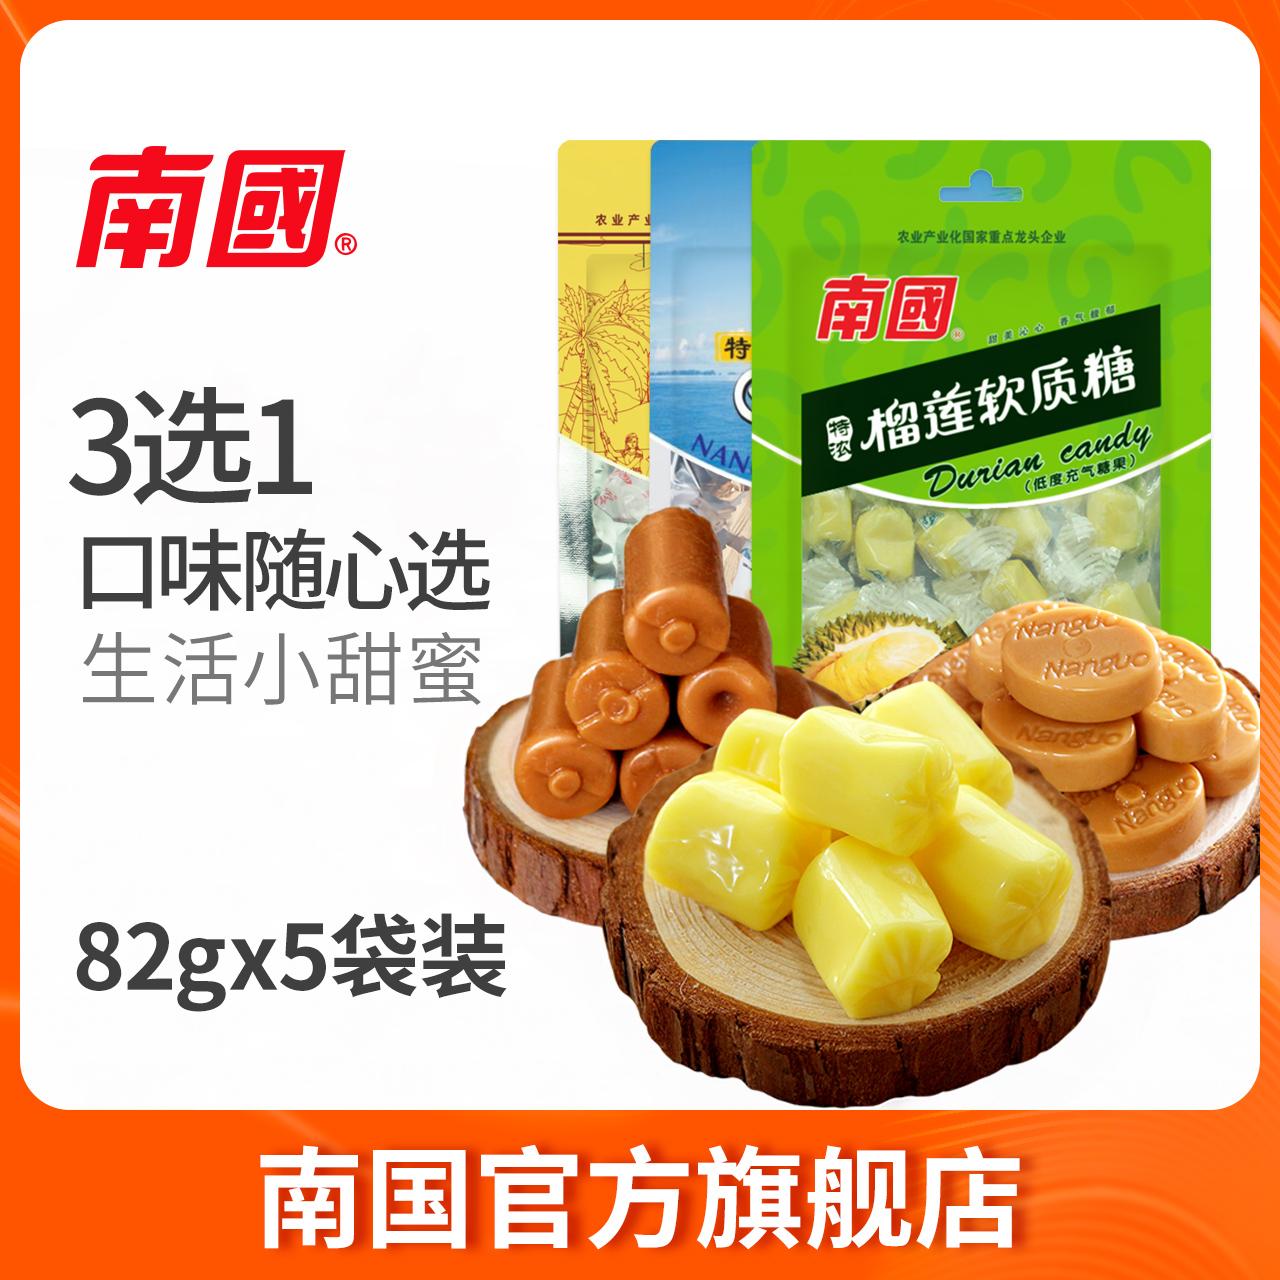 11-13新券南国海南特产椰子糖果82gx5袋姜糖